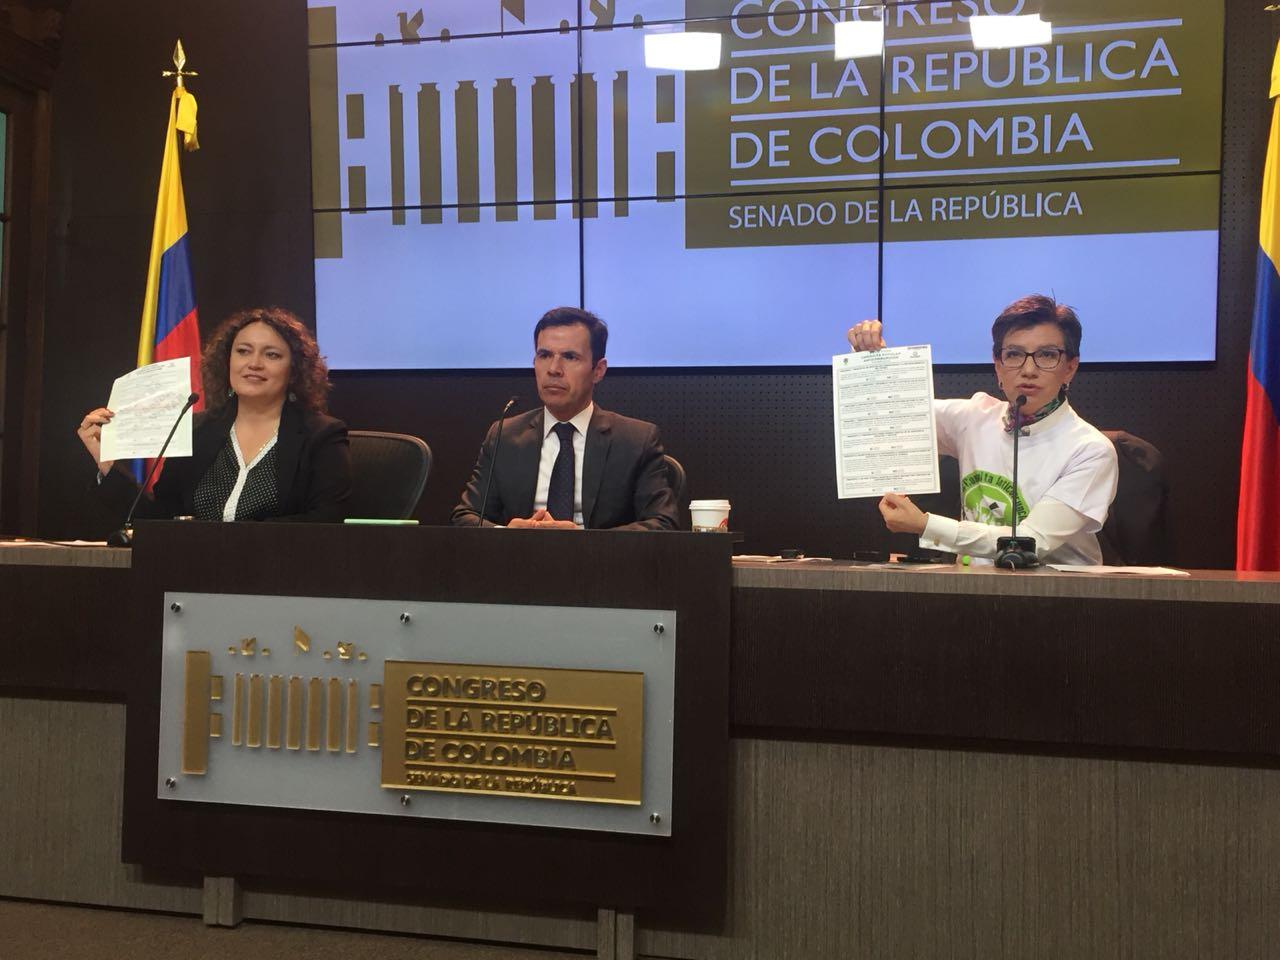 El ministro del Interior, Guillermo Rivera (cen.), la senadora Claudia López (der.) y la representante Angélica Lozano (izq.), presentando la campaña anticorrupción.